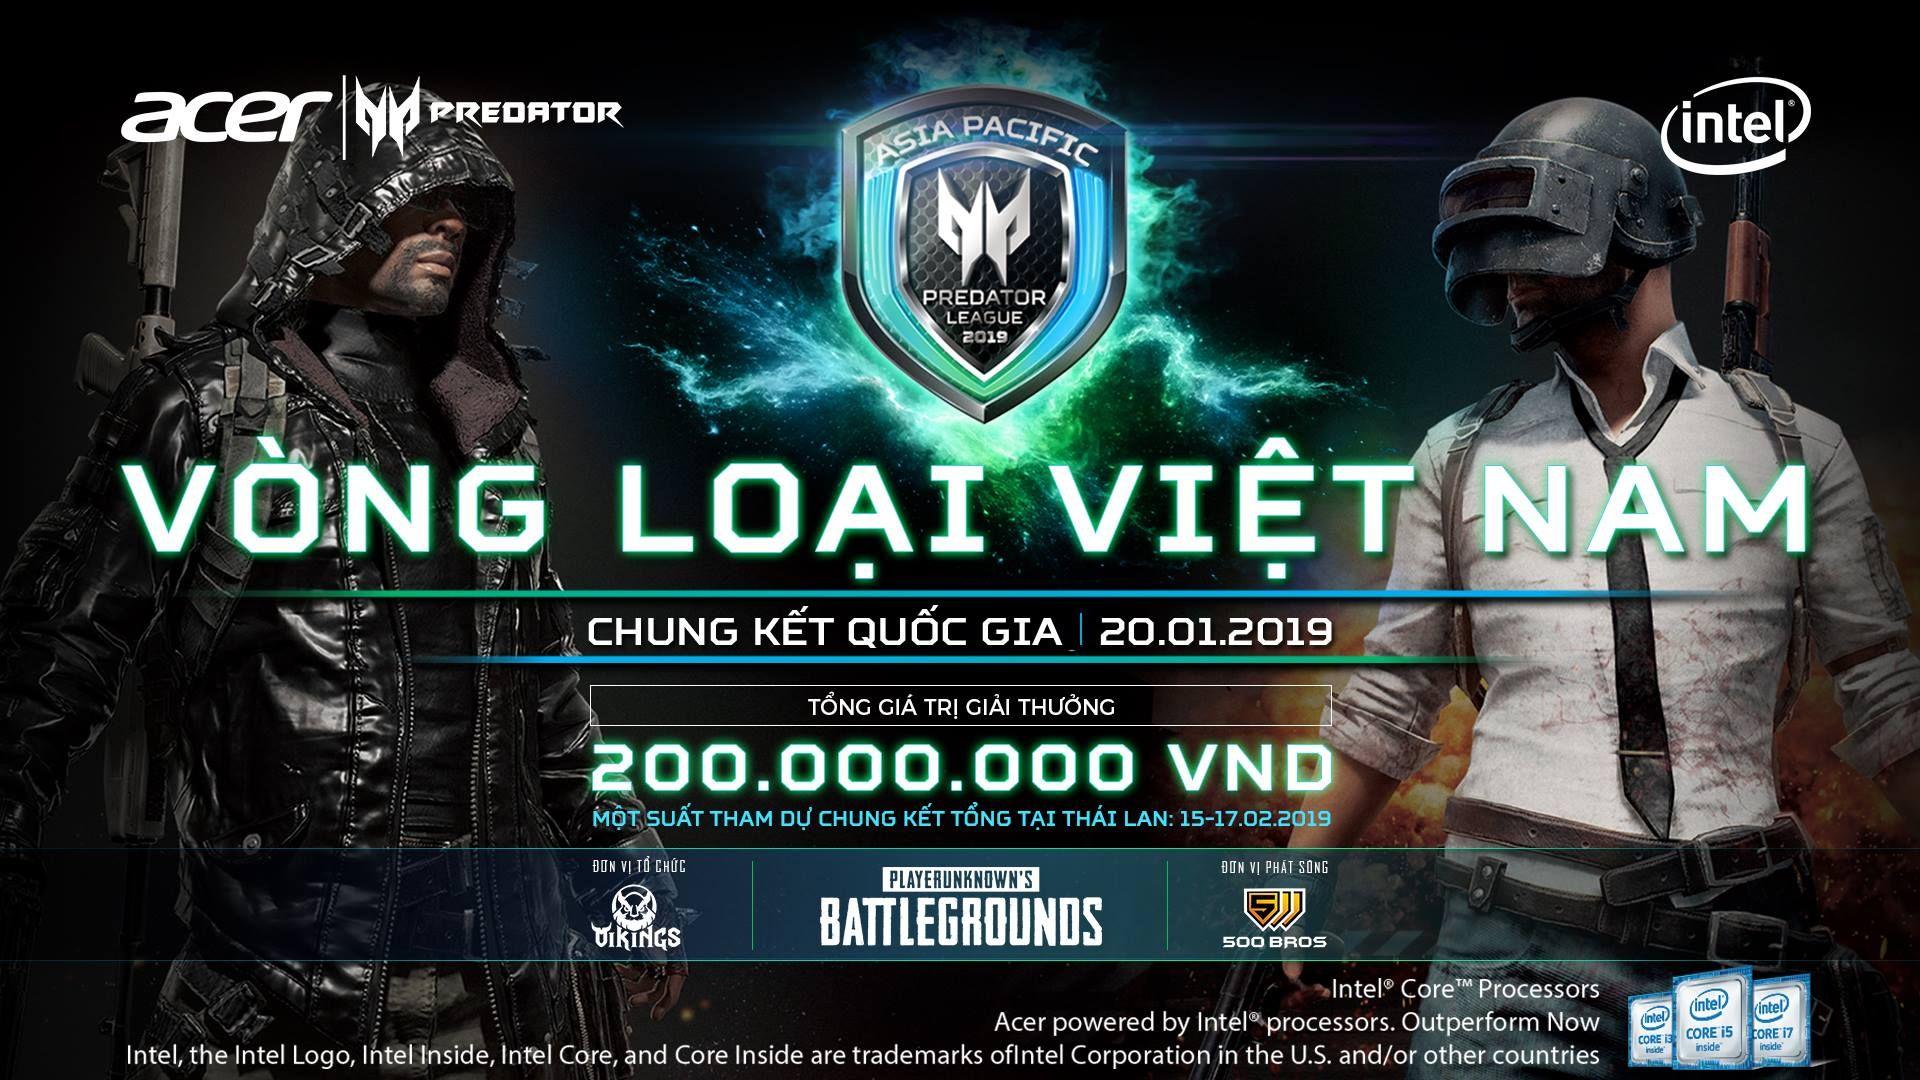 Predator League 2019 - CHÍNH THỨC KHỞI TRANH VÒNG LOẠI VIỆT NAM